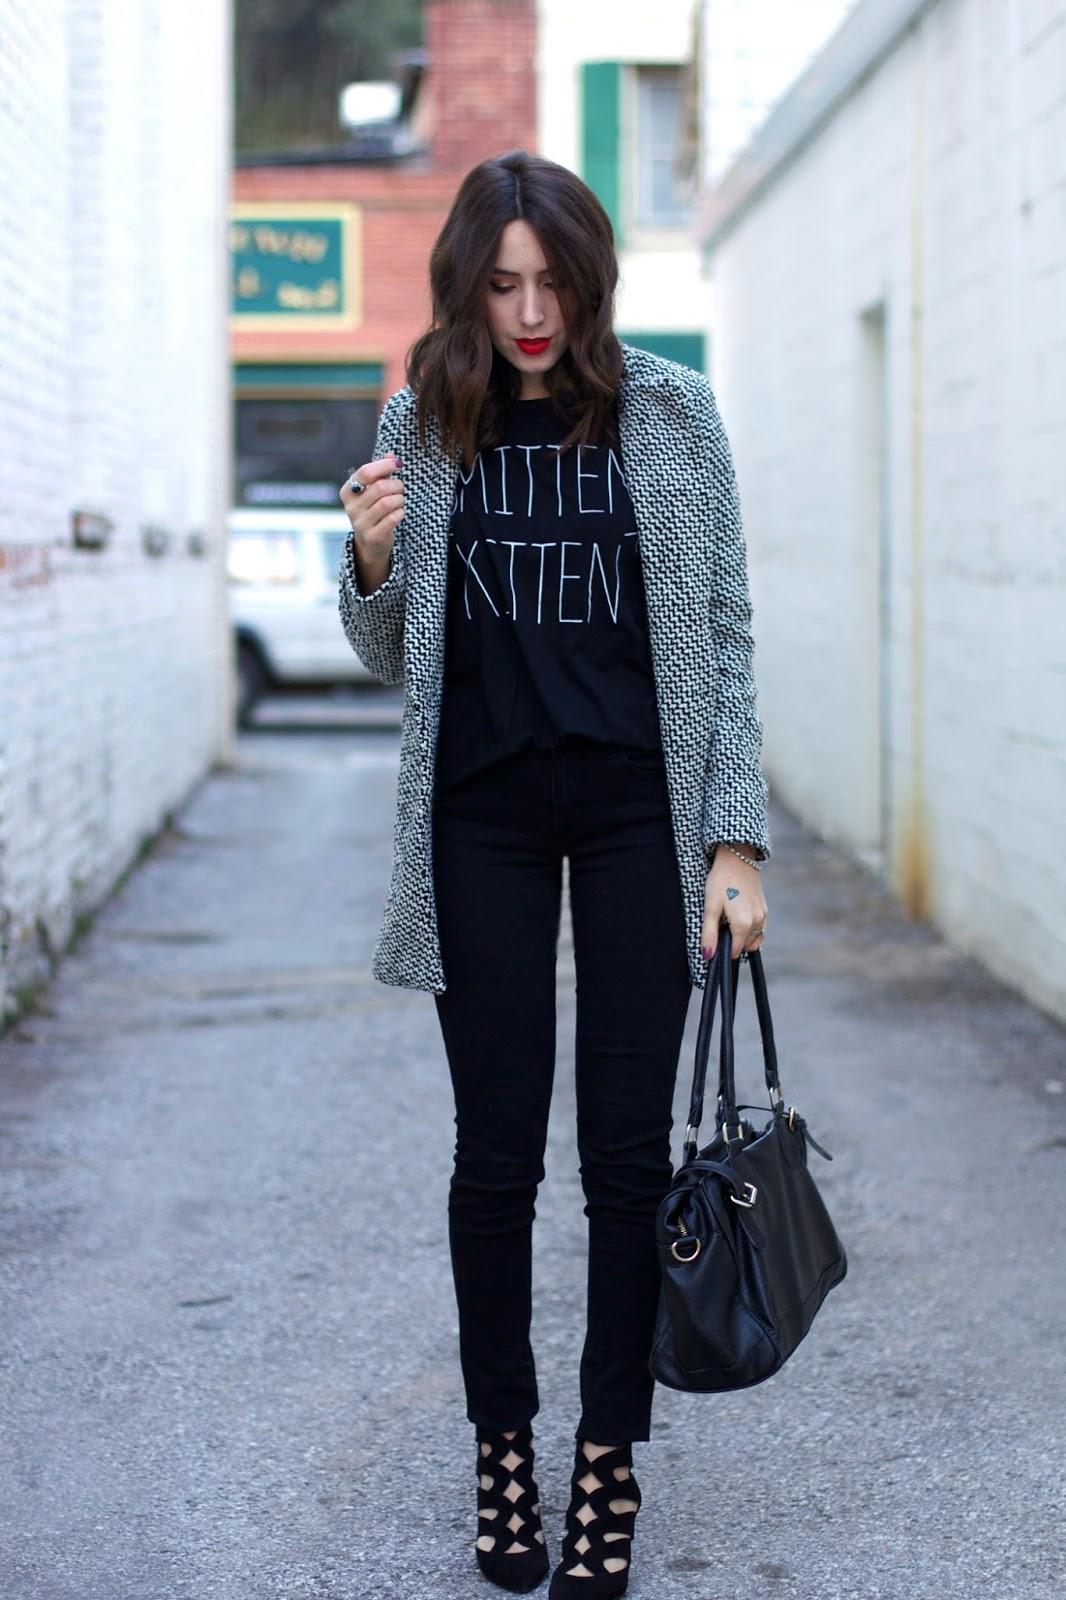 ily-couture-smitten-kitten-tee